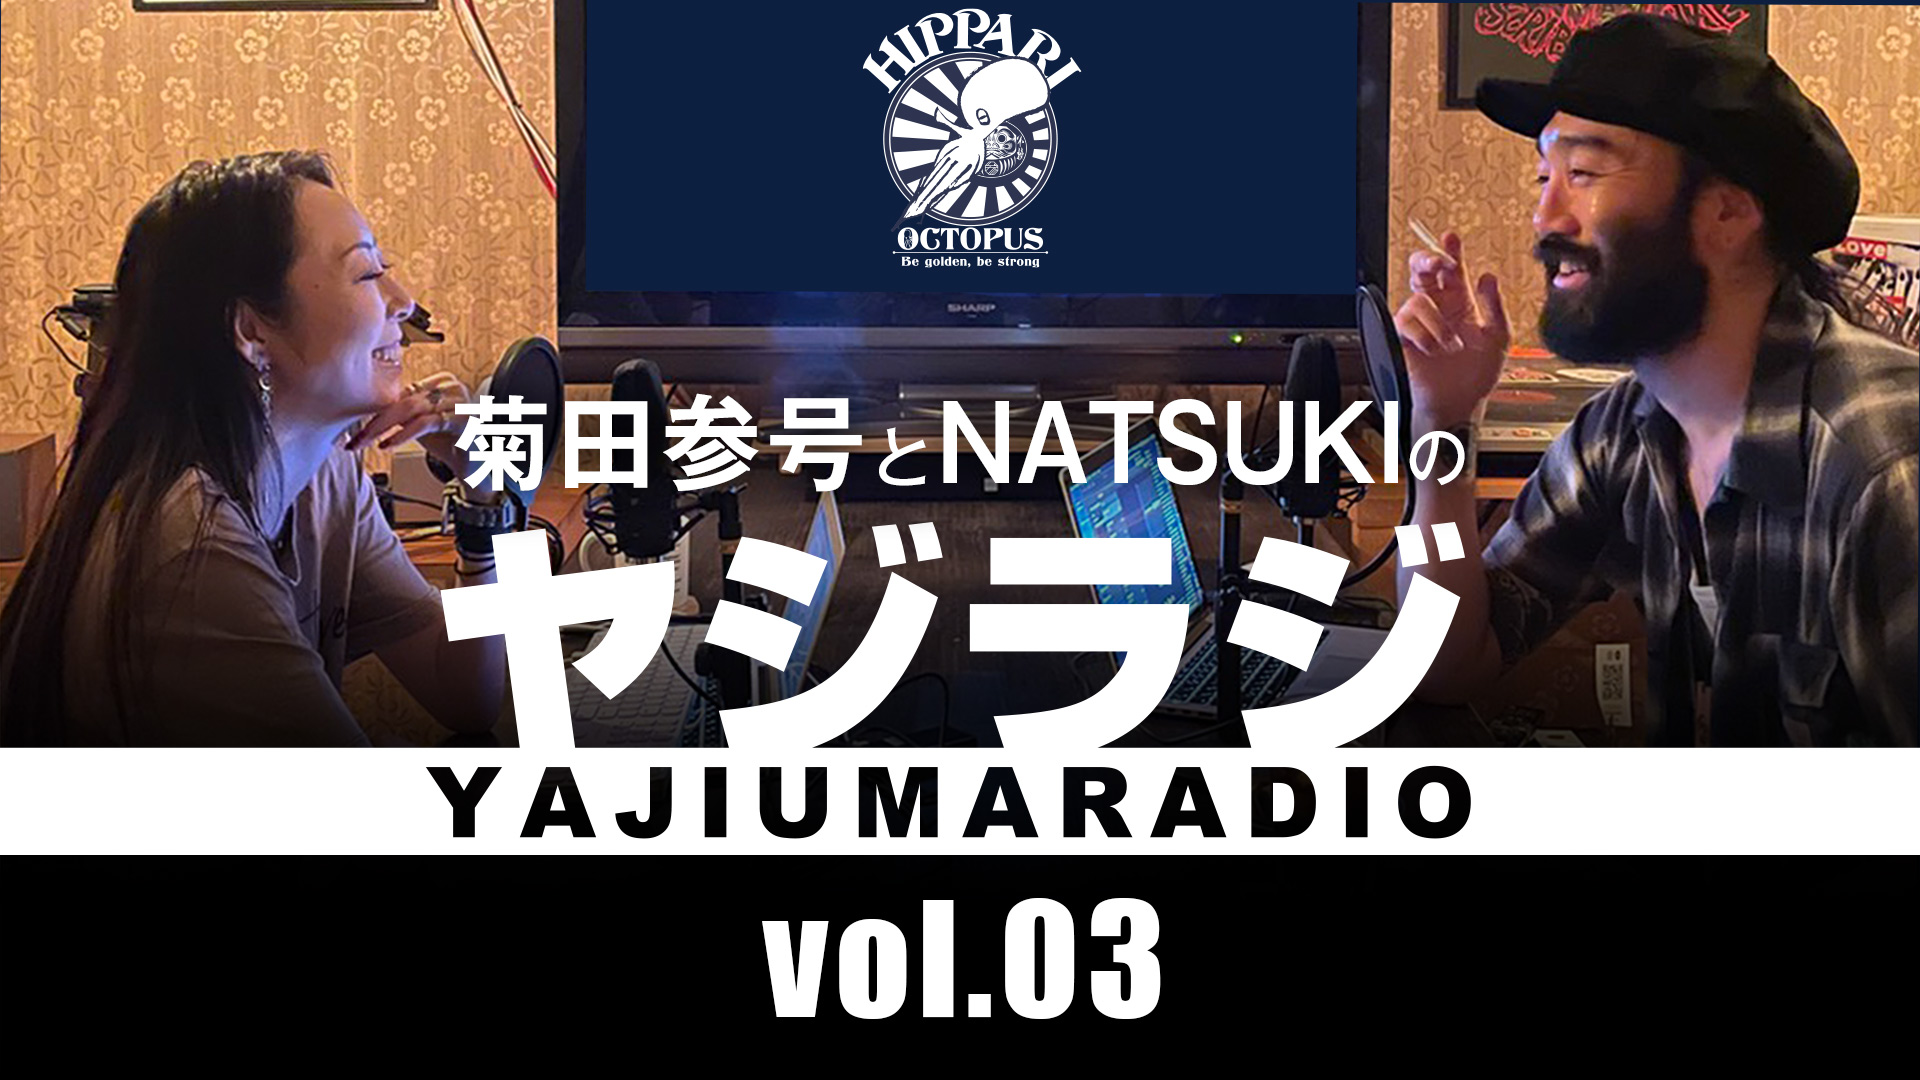 【vol.03】ワクチンと奈良とチャンネル登録と / 菊田参号とNATSUKIの「ヤジウマラジオ」